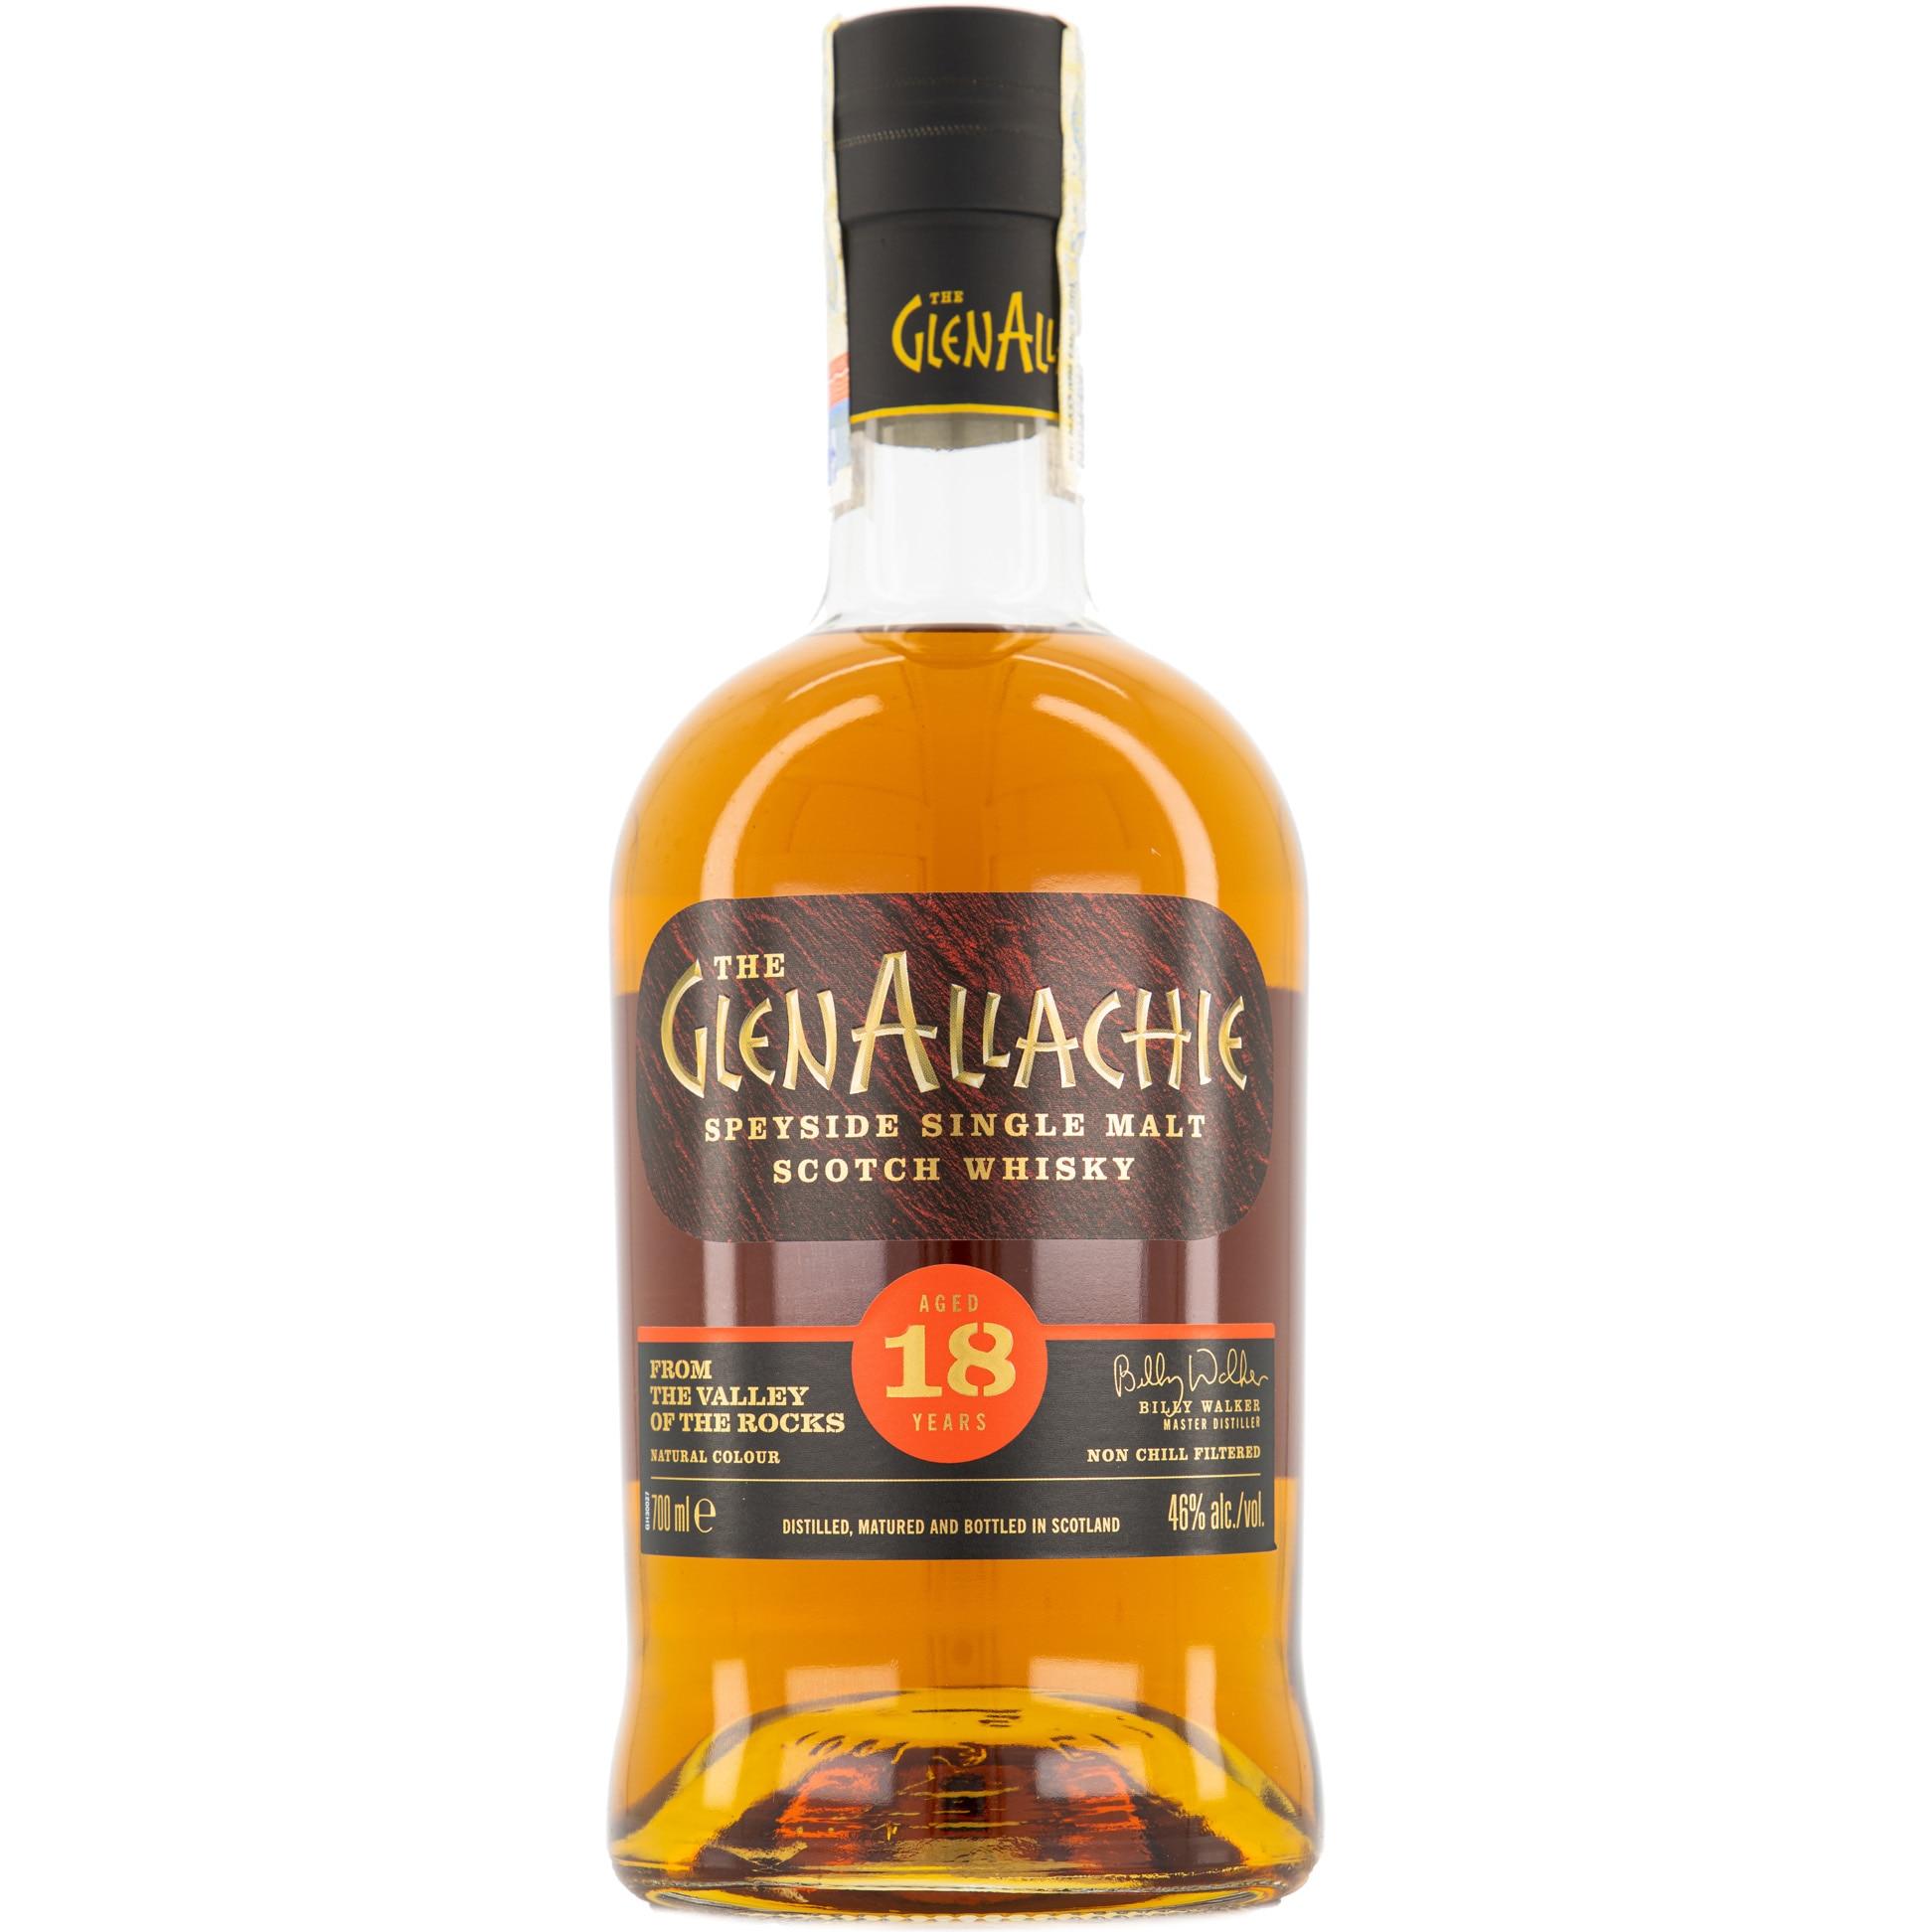 Glenallachie Front Bottle